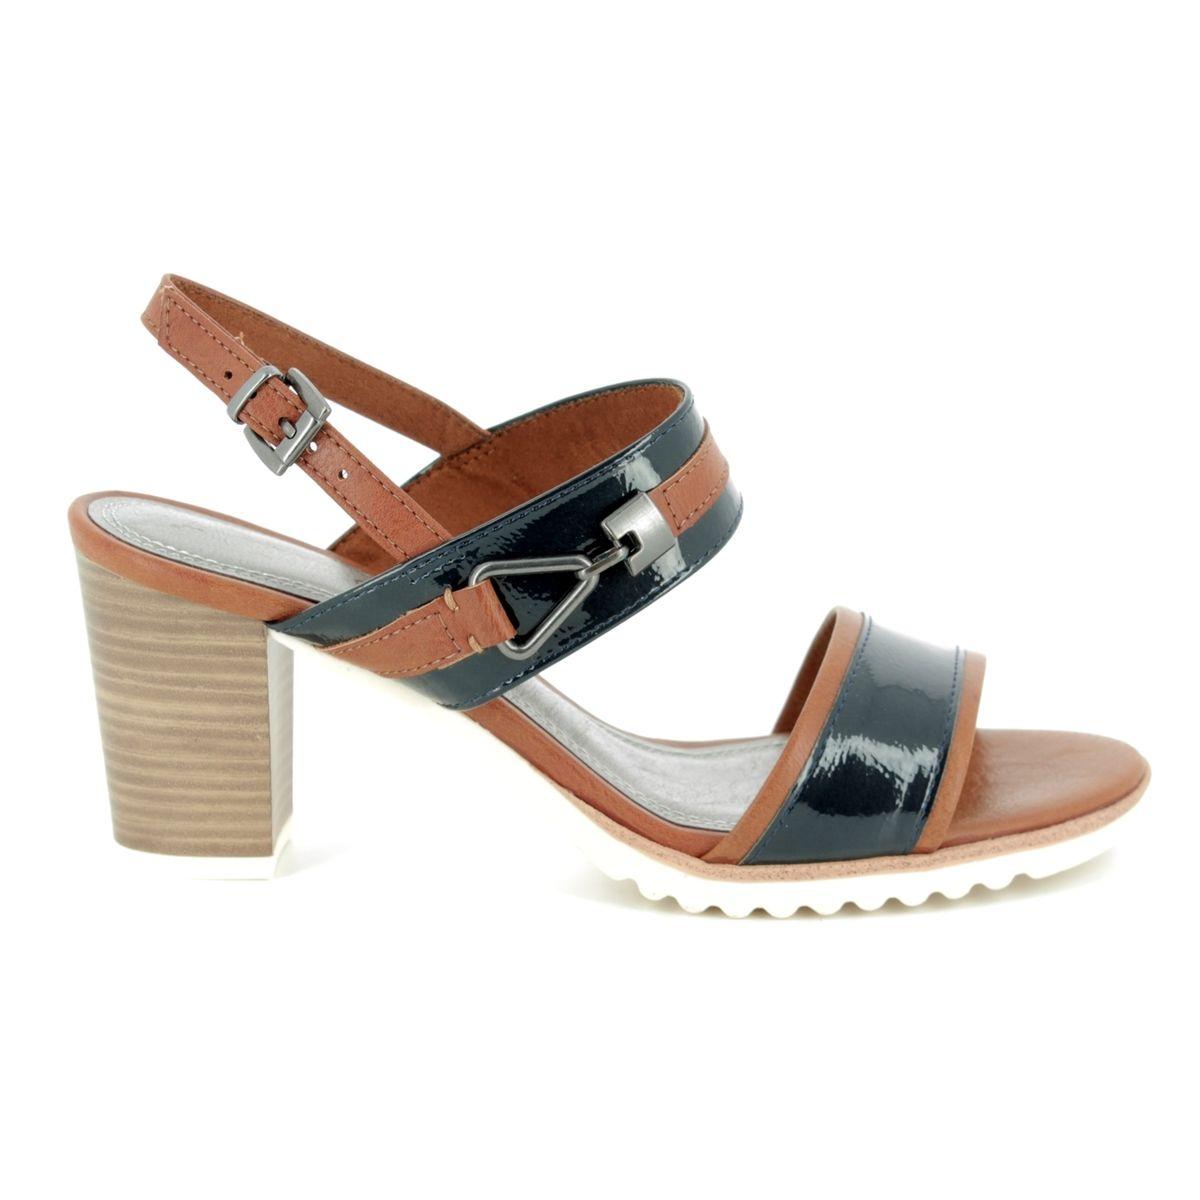 1f963a8d309 Marco Tozzi Heeled Sandals - Navy-tan combi - 28704 20 847 PADUMI